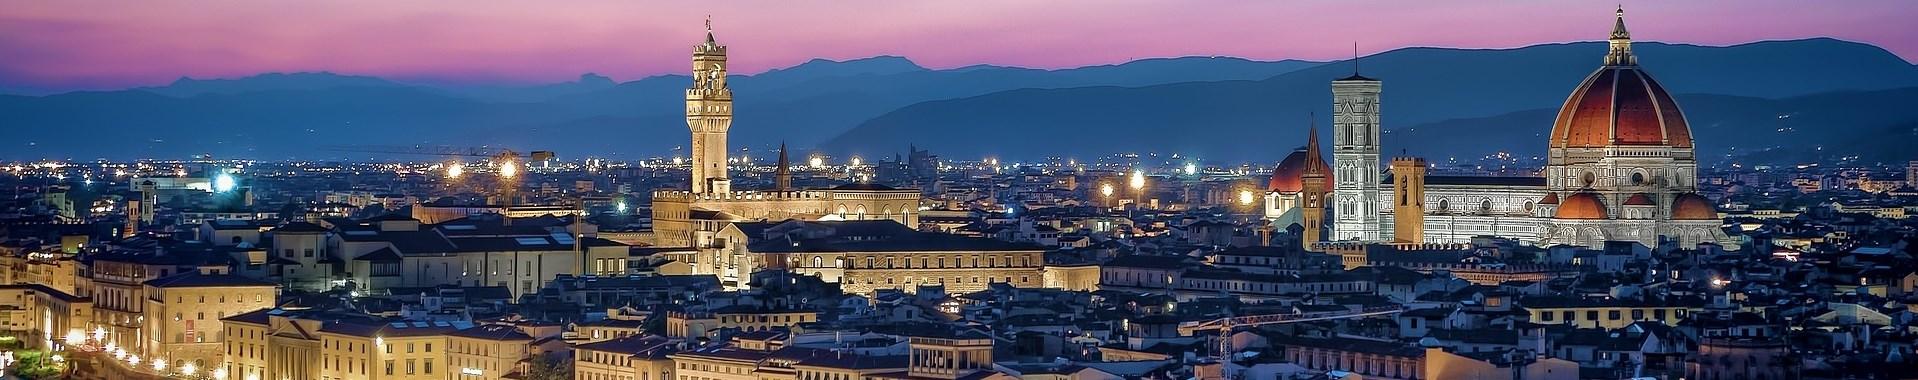 Dove dormire a Firenze con i bambini - Its4kids